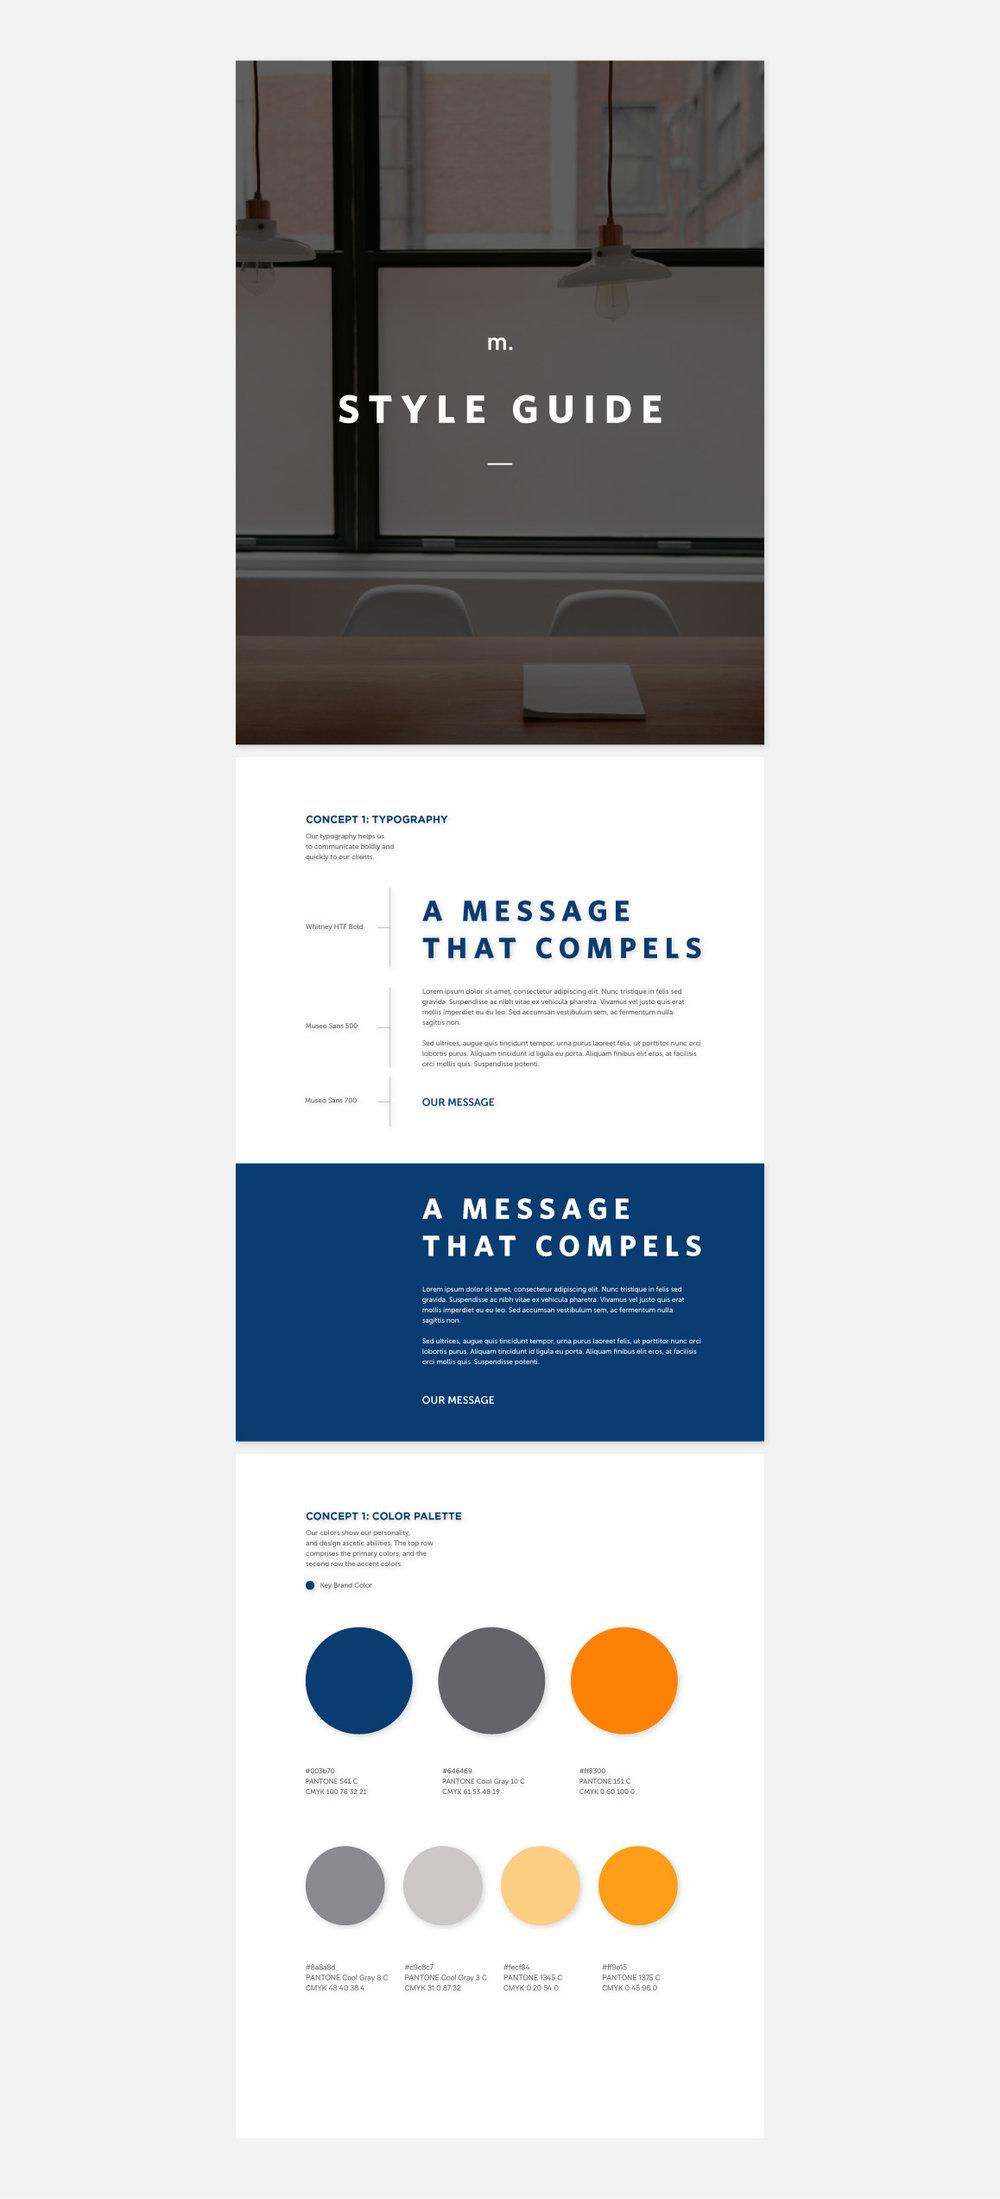 Style Guide Design